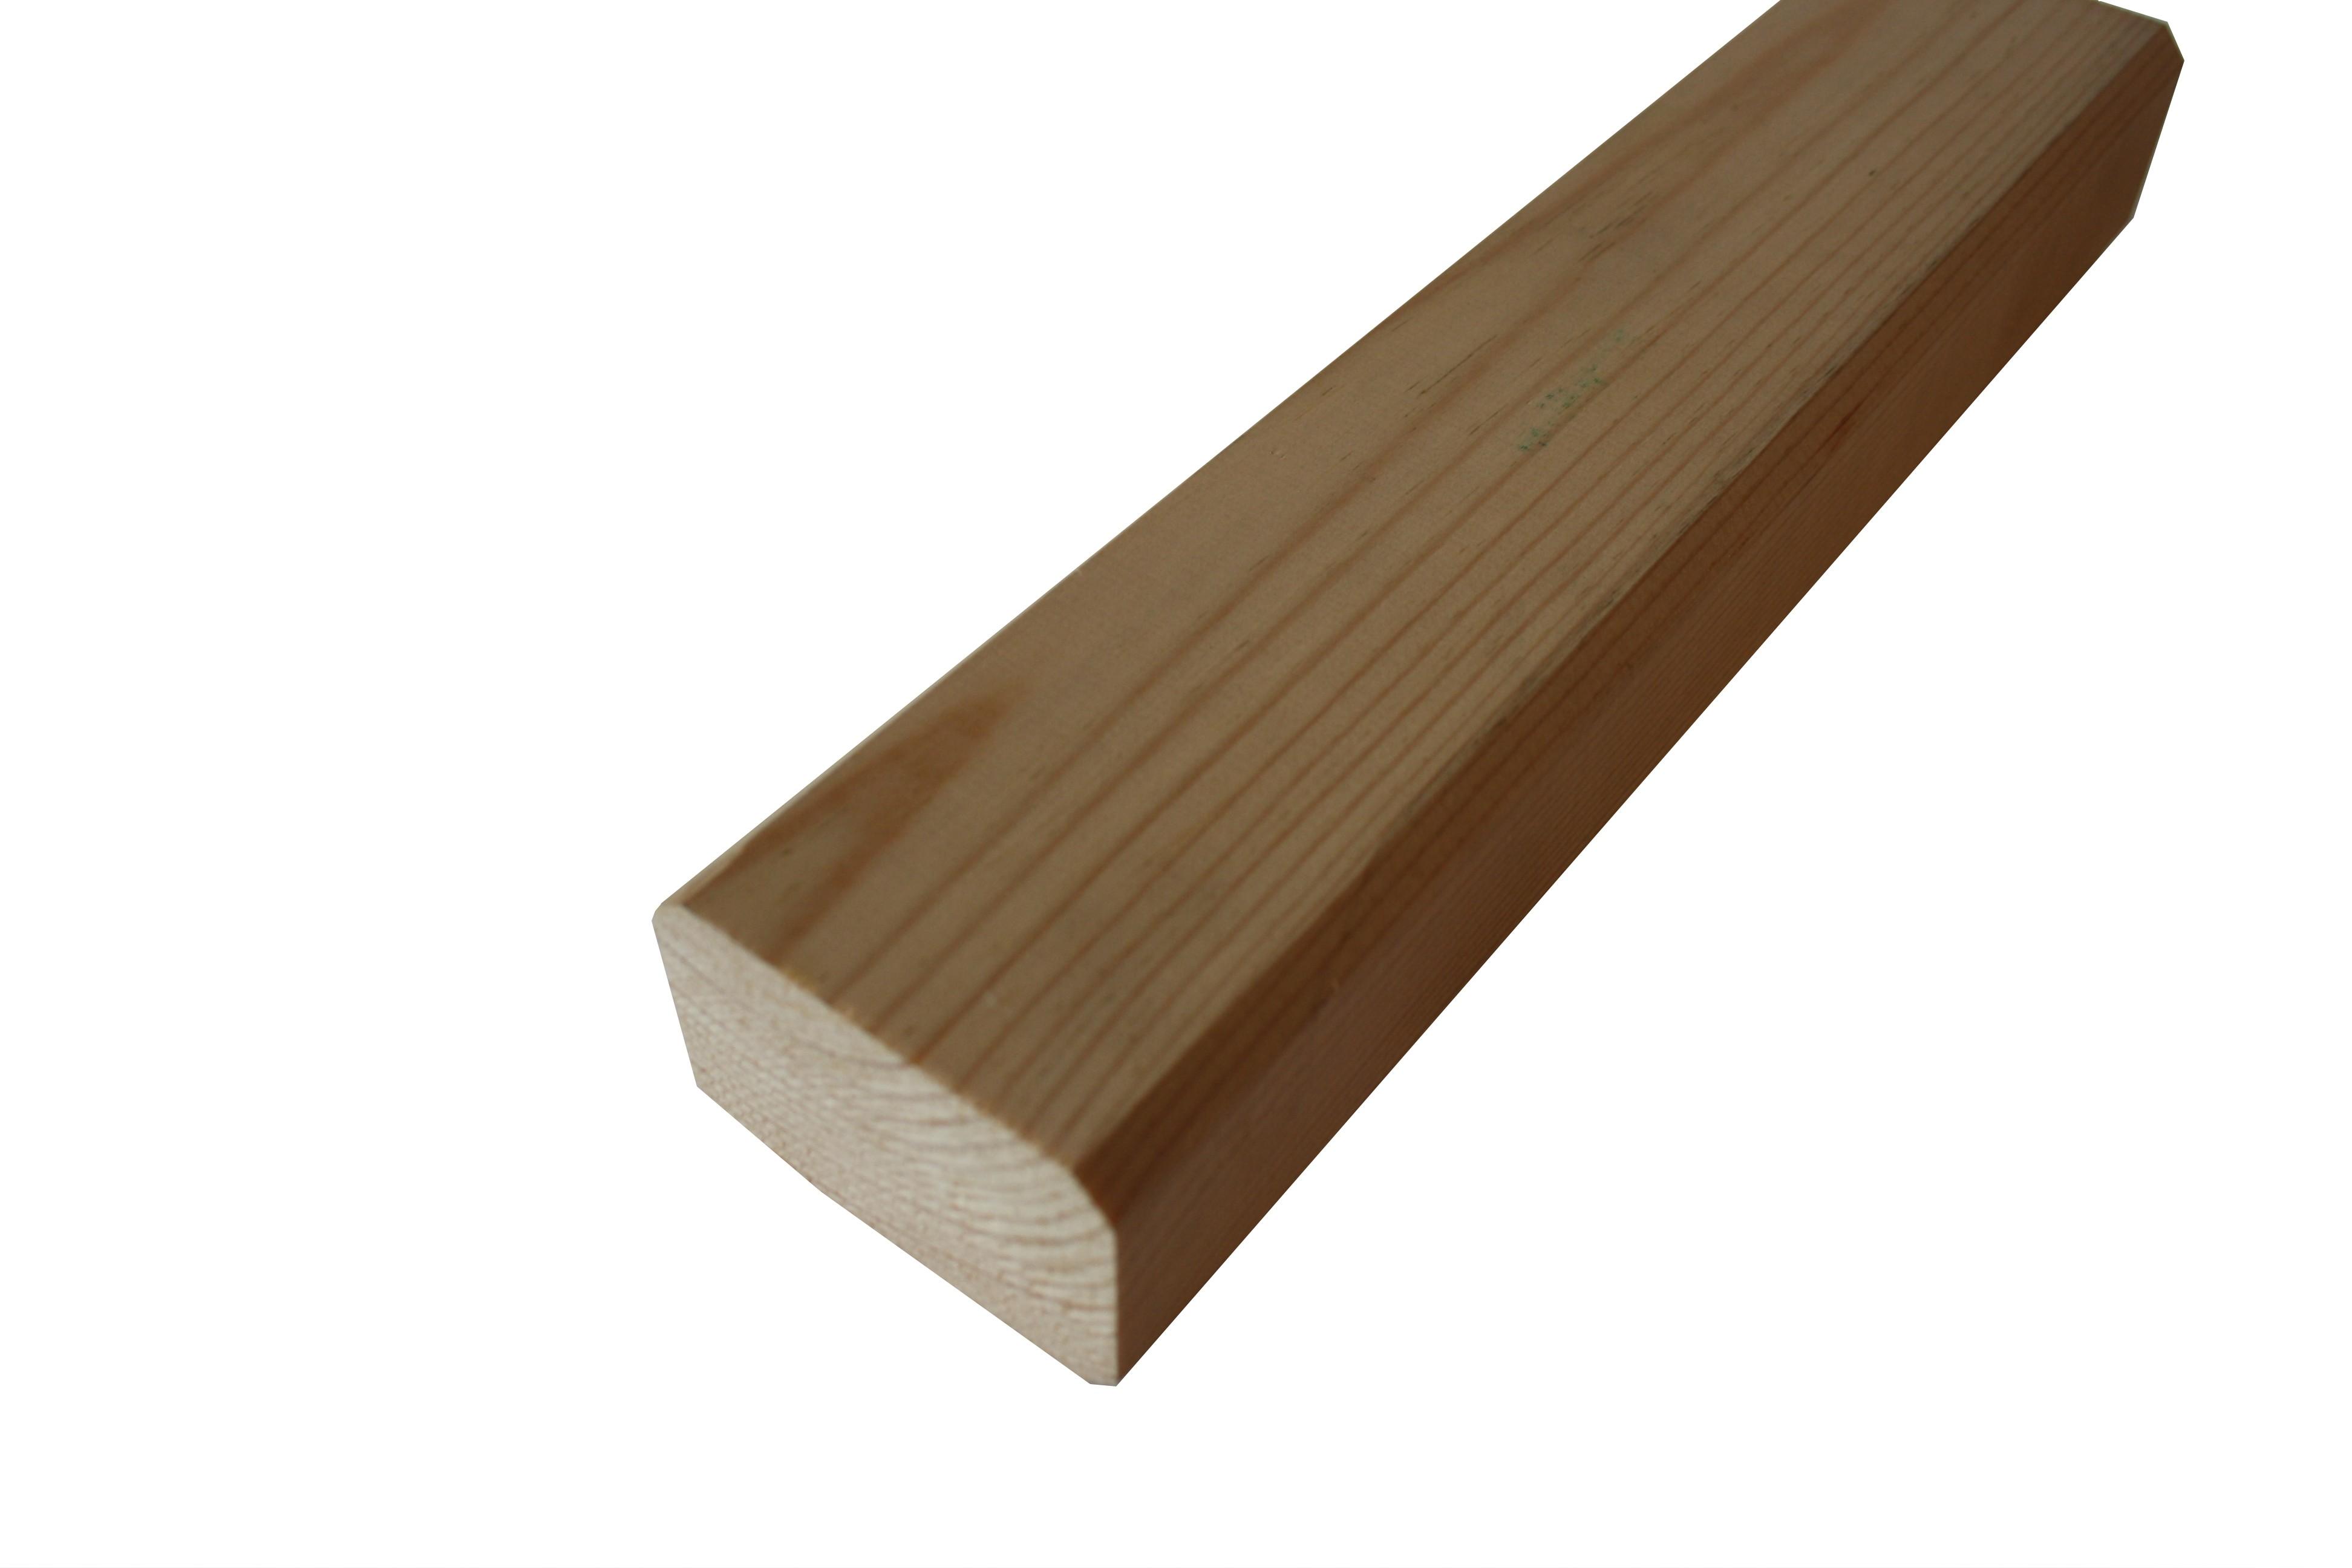 Podkladový hranol dřevěný 45x70x3000 Borovice stepní, kvalita AB